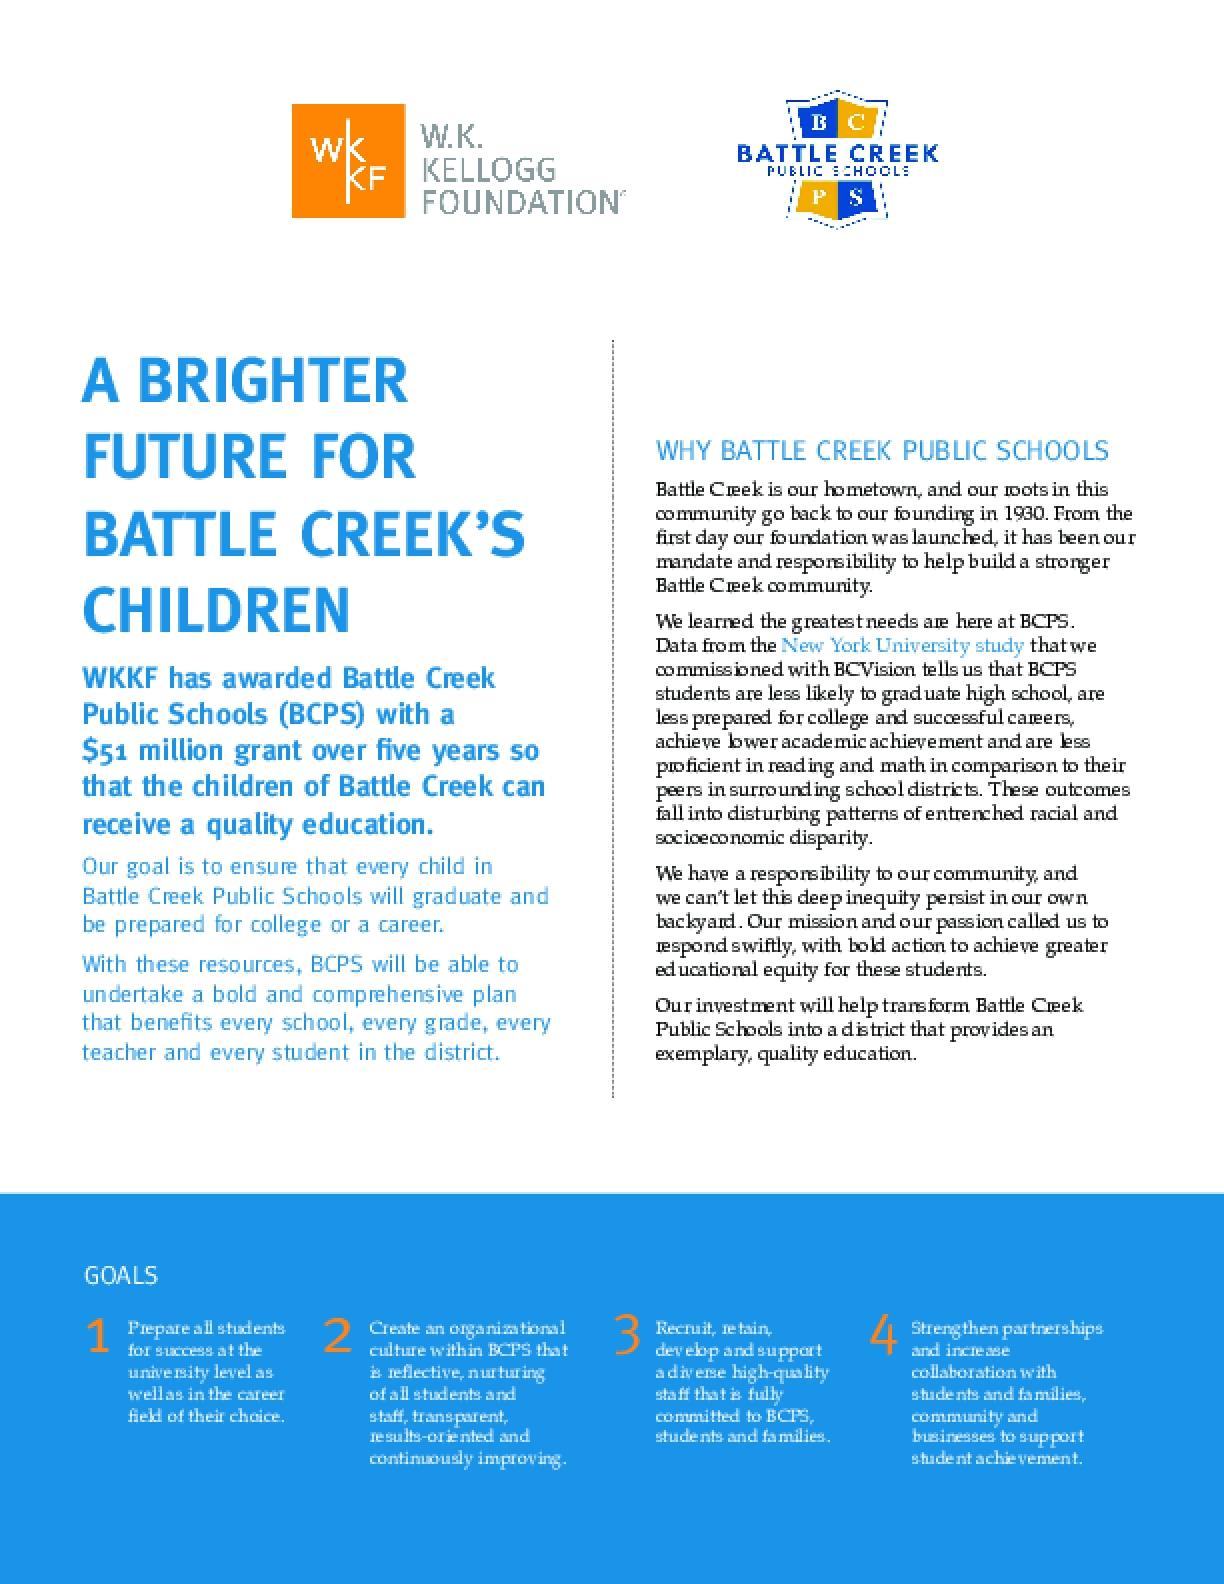 A Brighter Future for Battle Creek's Children: Fact Sheet